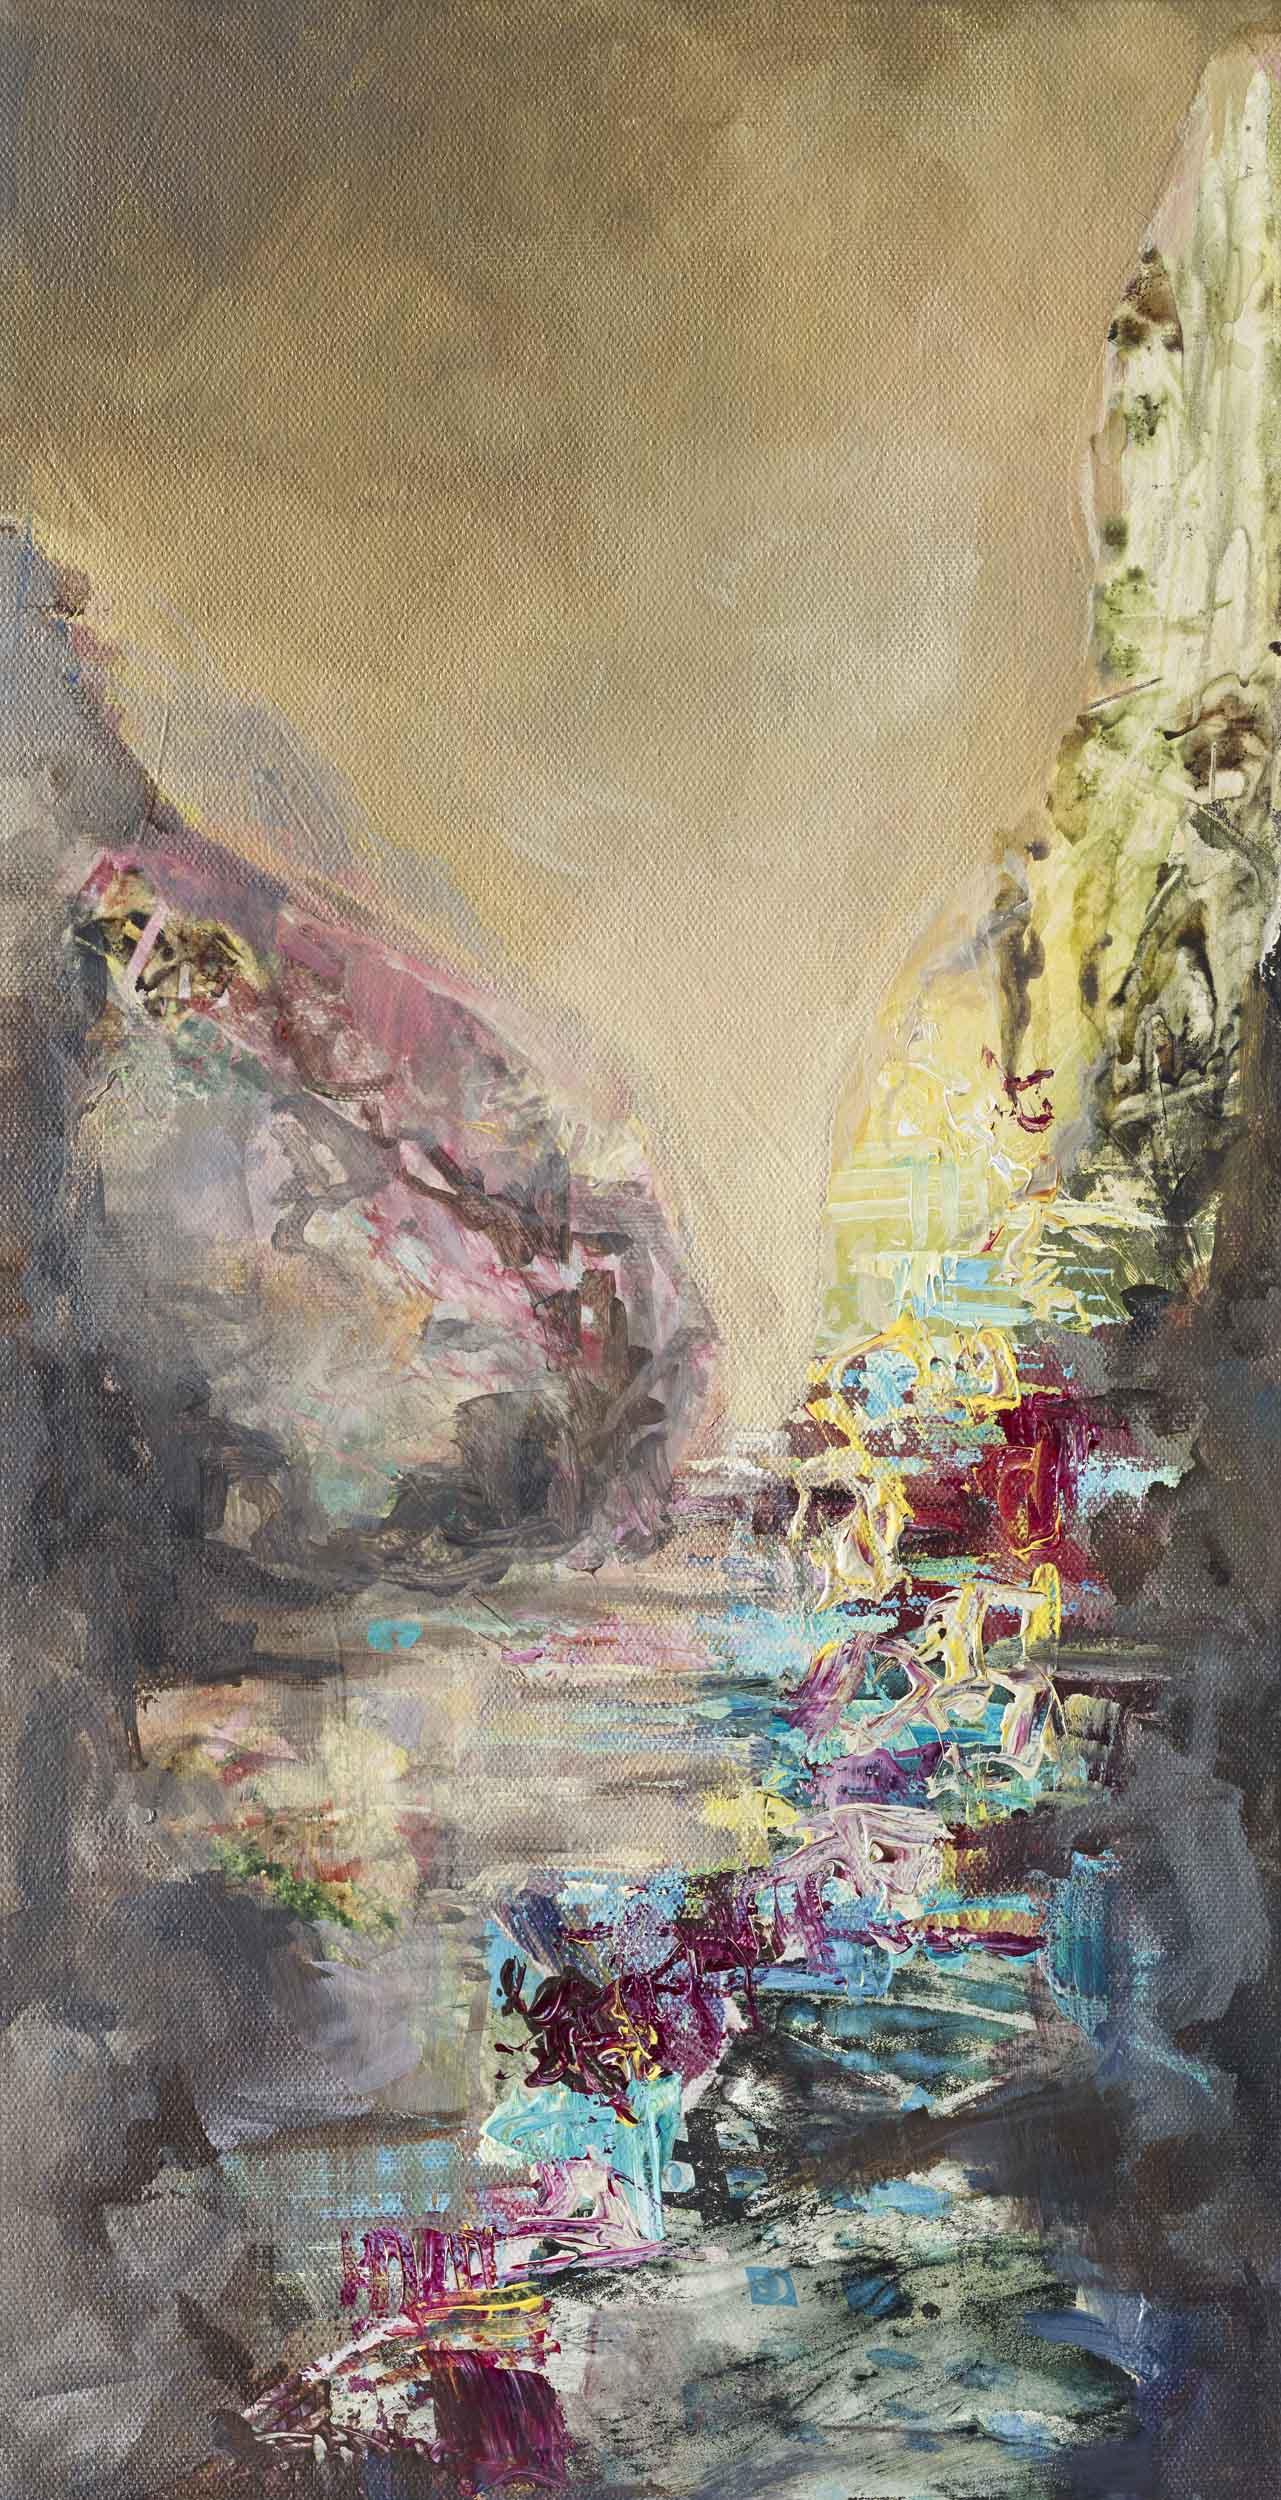 Cascade by abstract artist, Amy Tillotson, Saint Paul, Minnesota, St. Paul Artist, Minnesota Artist, Abstract Artist from Saint Paul, Minnesota, Minnesota artist